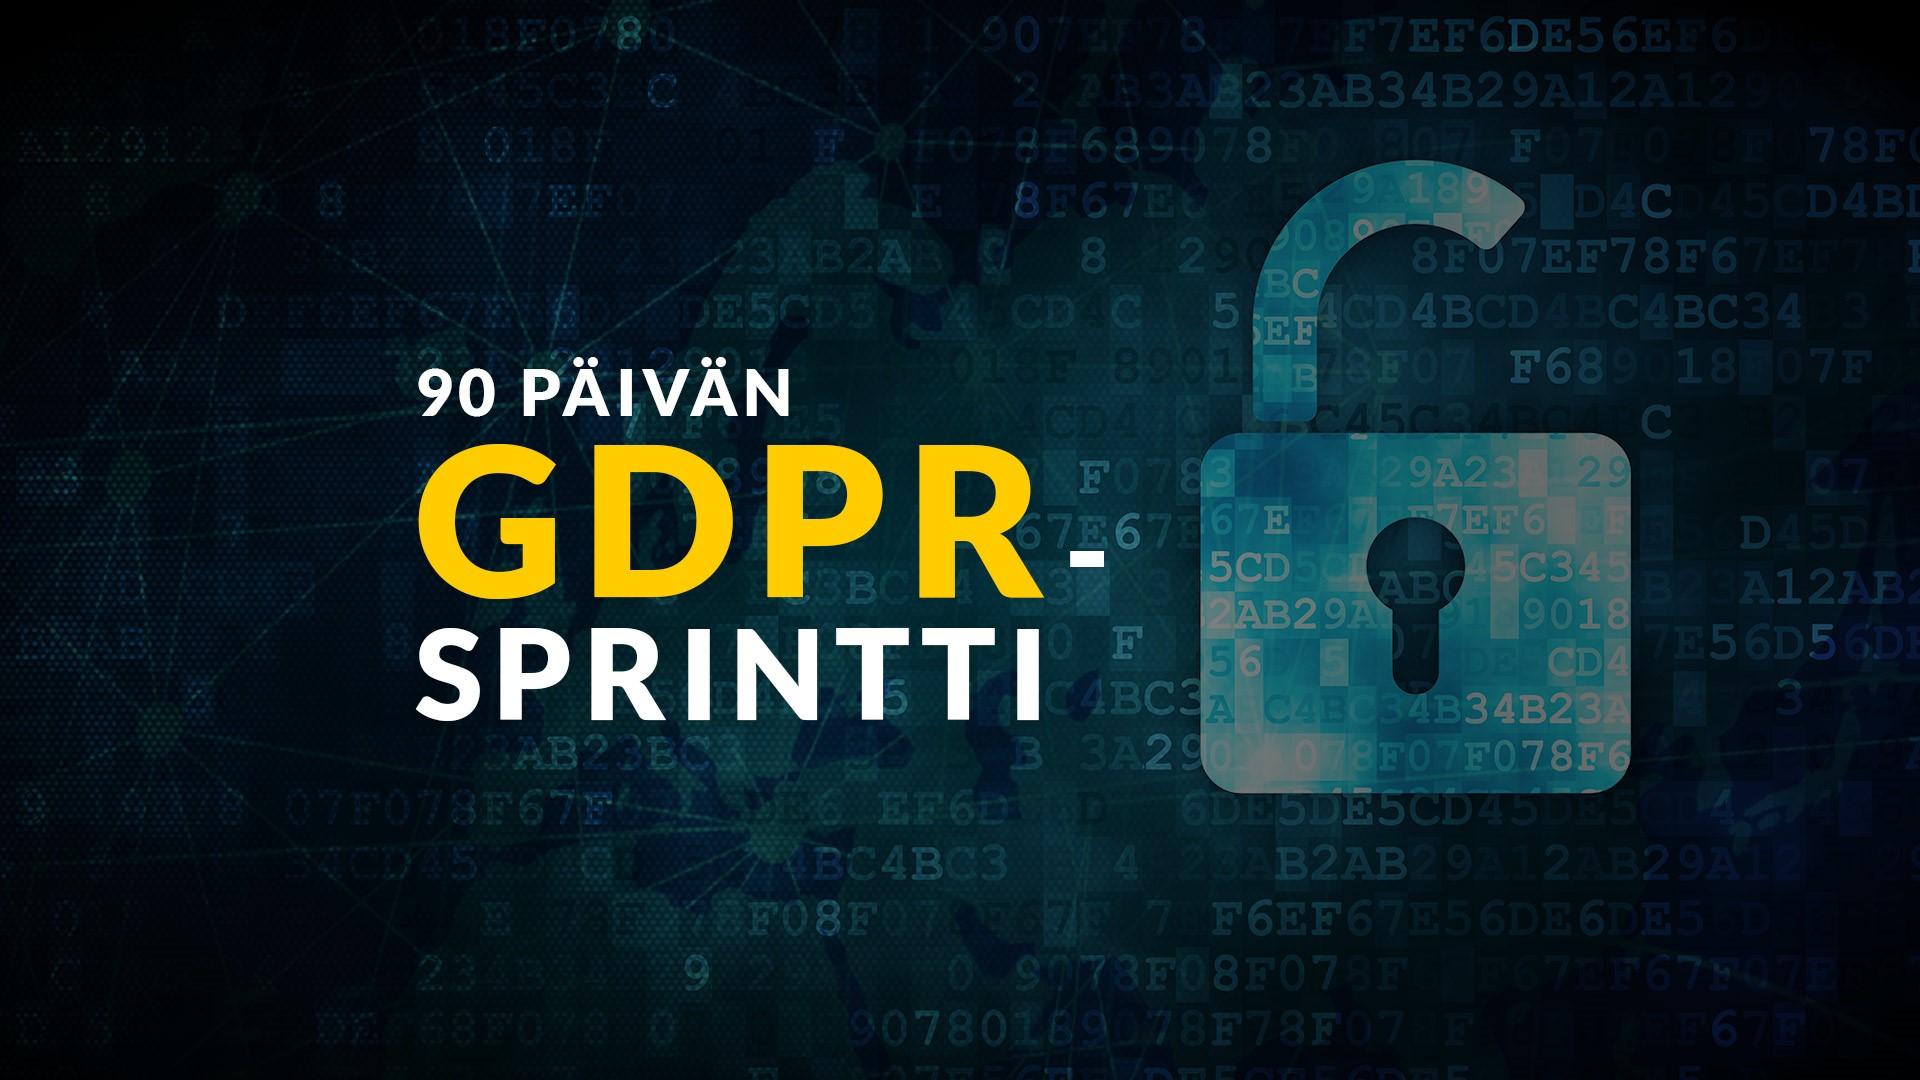 90 päivän GDPR-sprintti_tekstillä.jpg